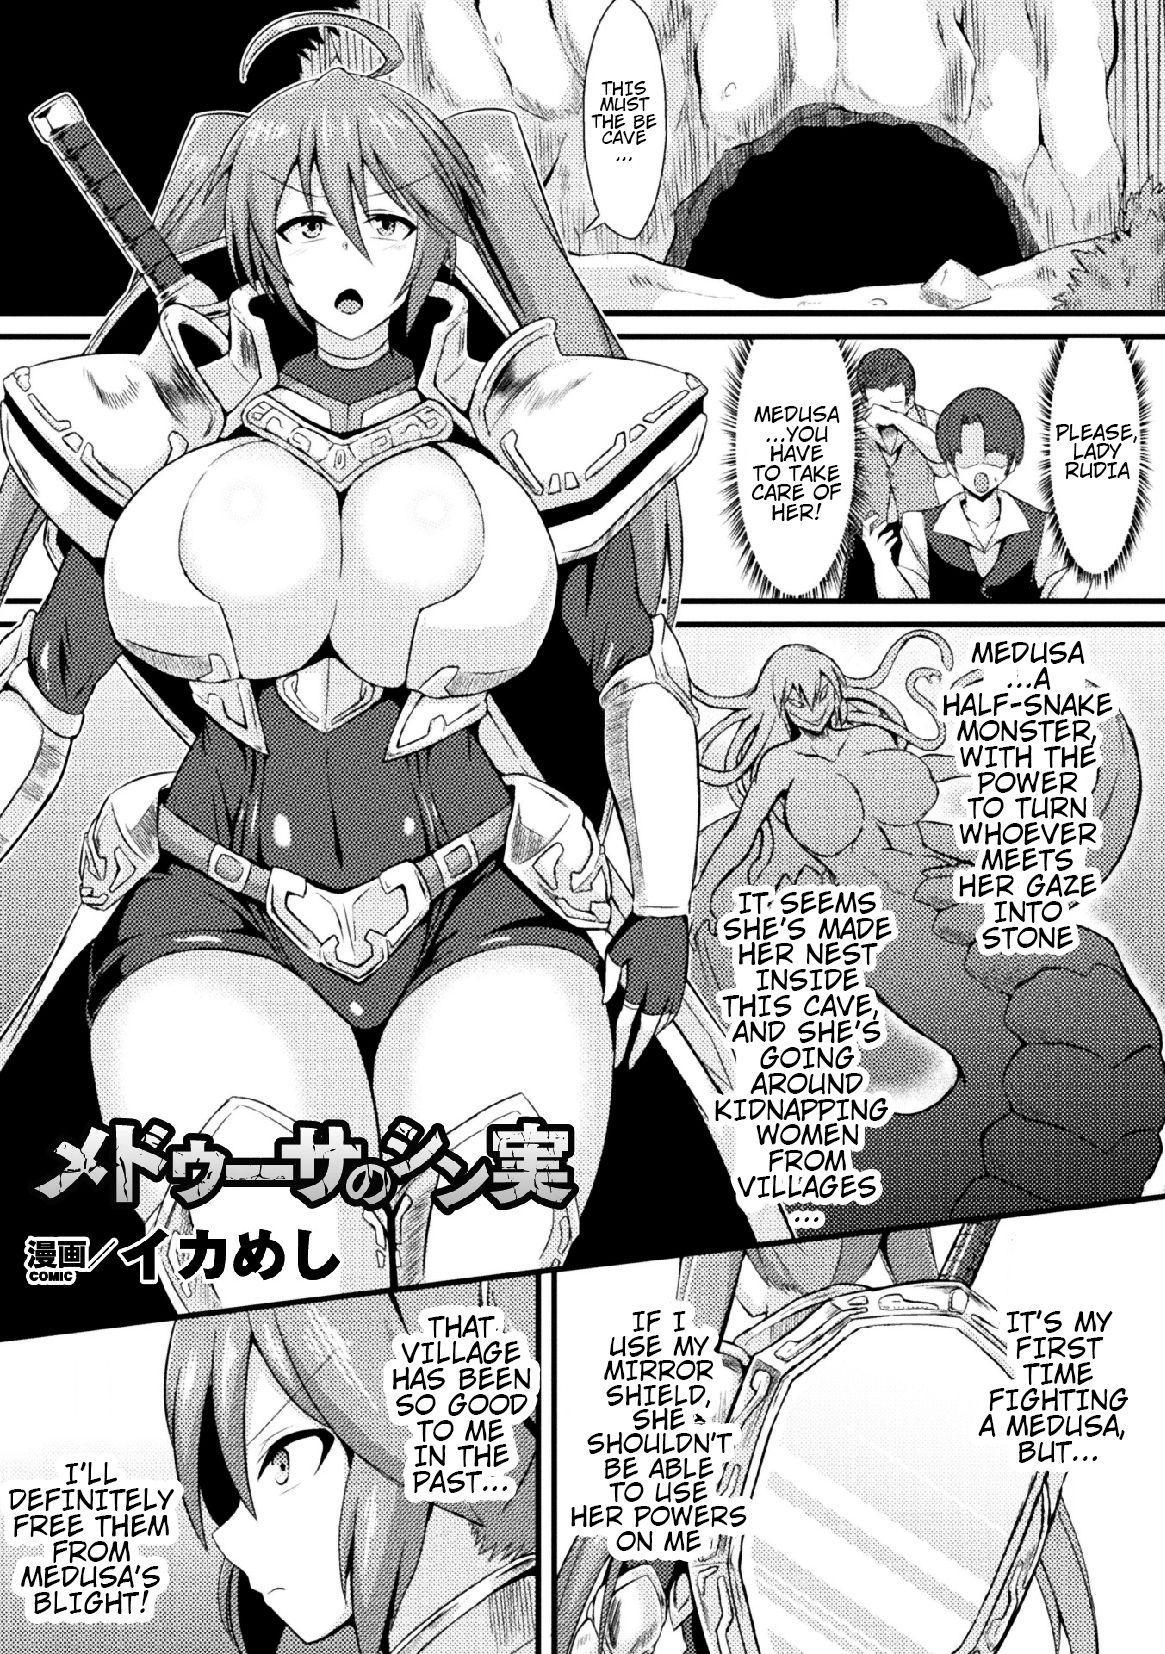 Medusa no Shinjitsu 4